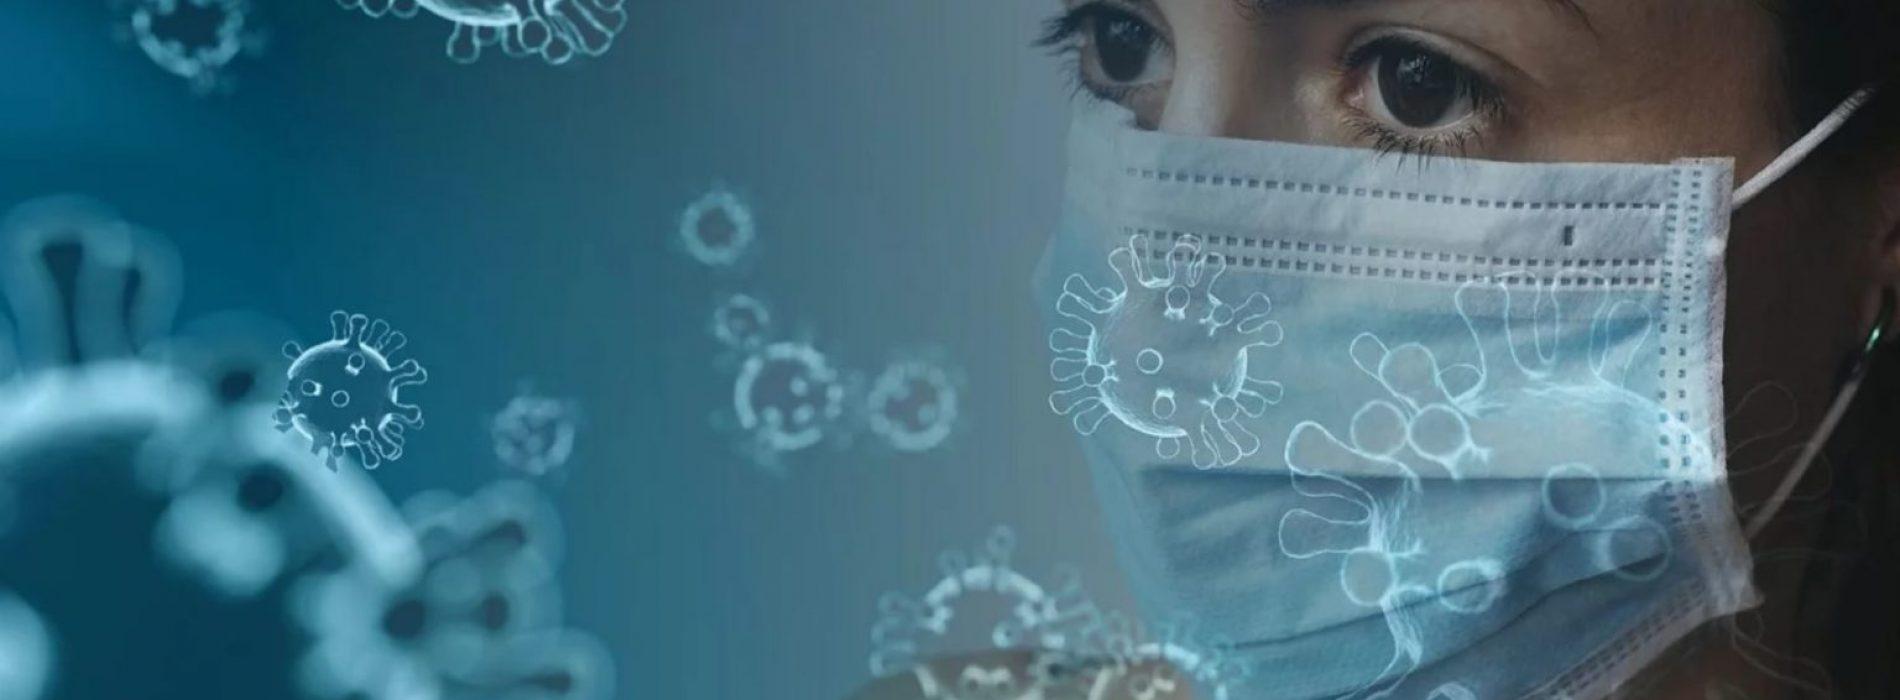 Beste materiaal voor zelfgemaakte gezichtsmaskers kan een combinatie zijn van twee stoffen